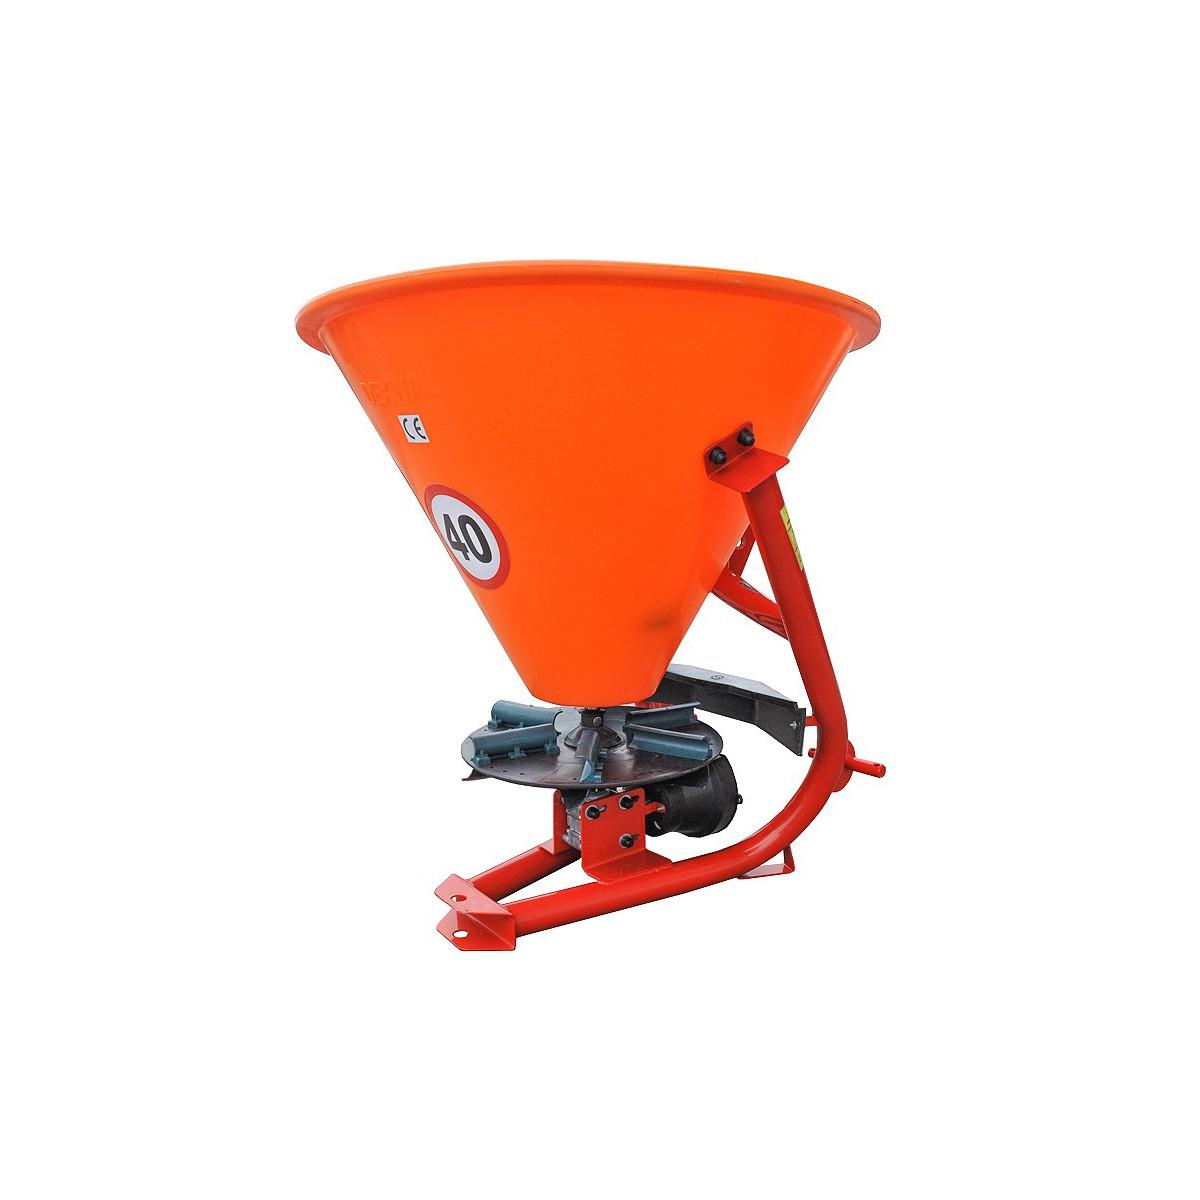 Fertilizer spreader, LEJ 200L sand spreader